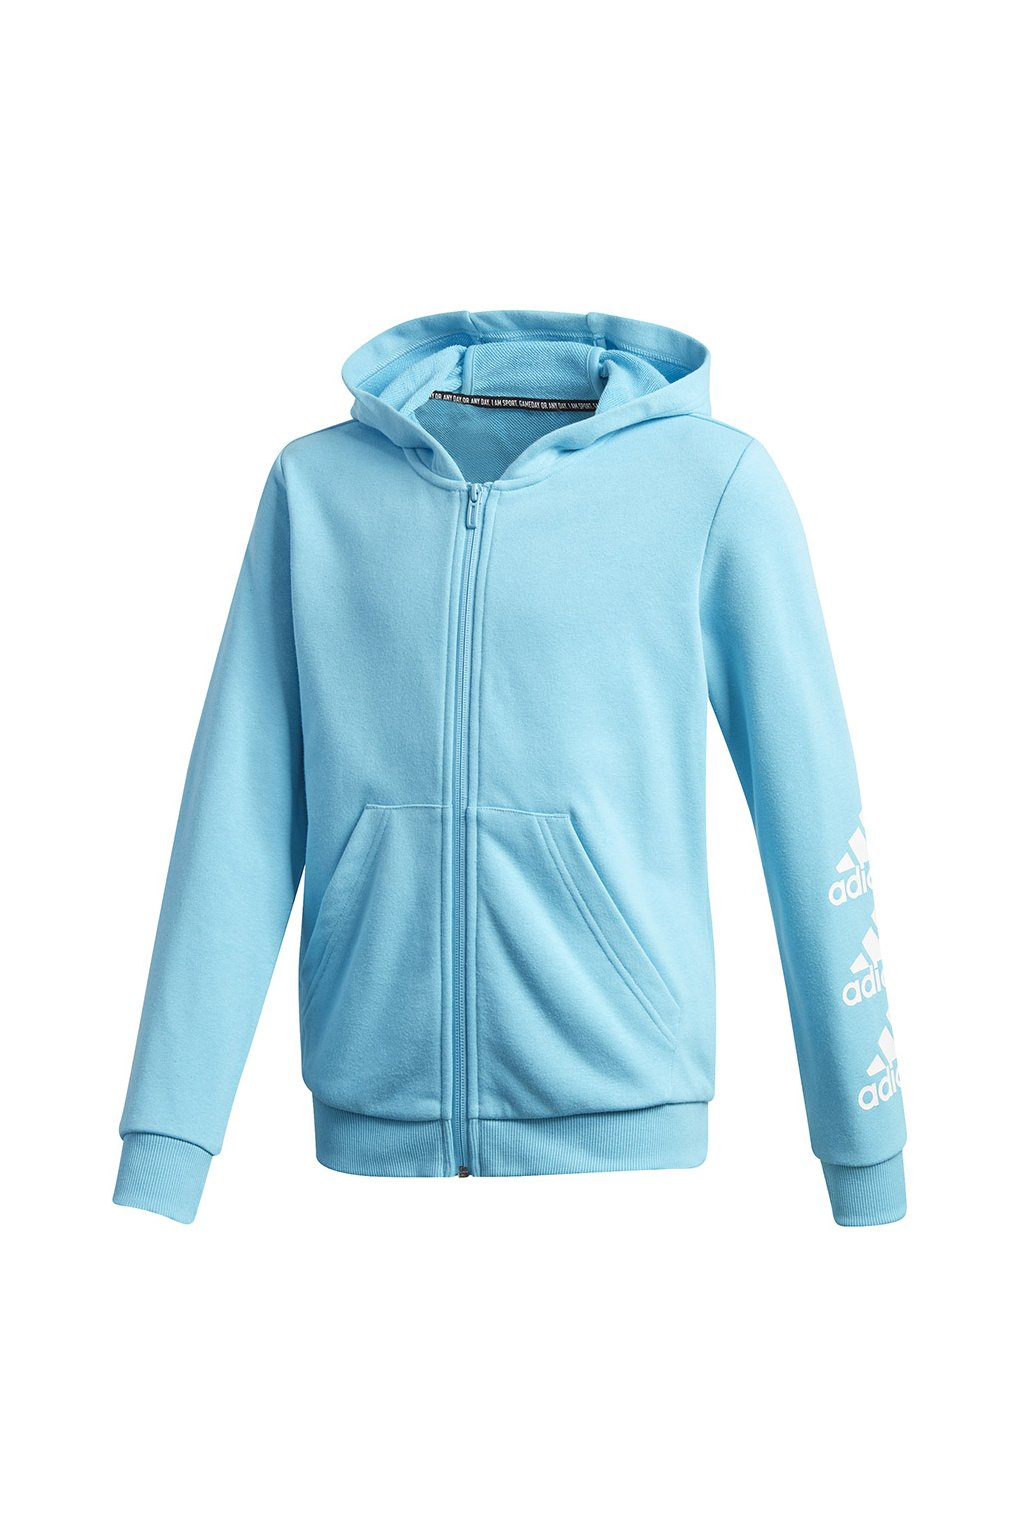 Mikina Adidas Must Haves Bos Full Zip pre deti modrá GE0943